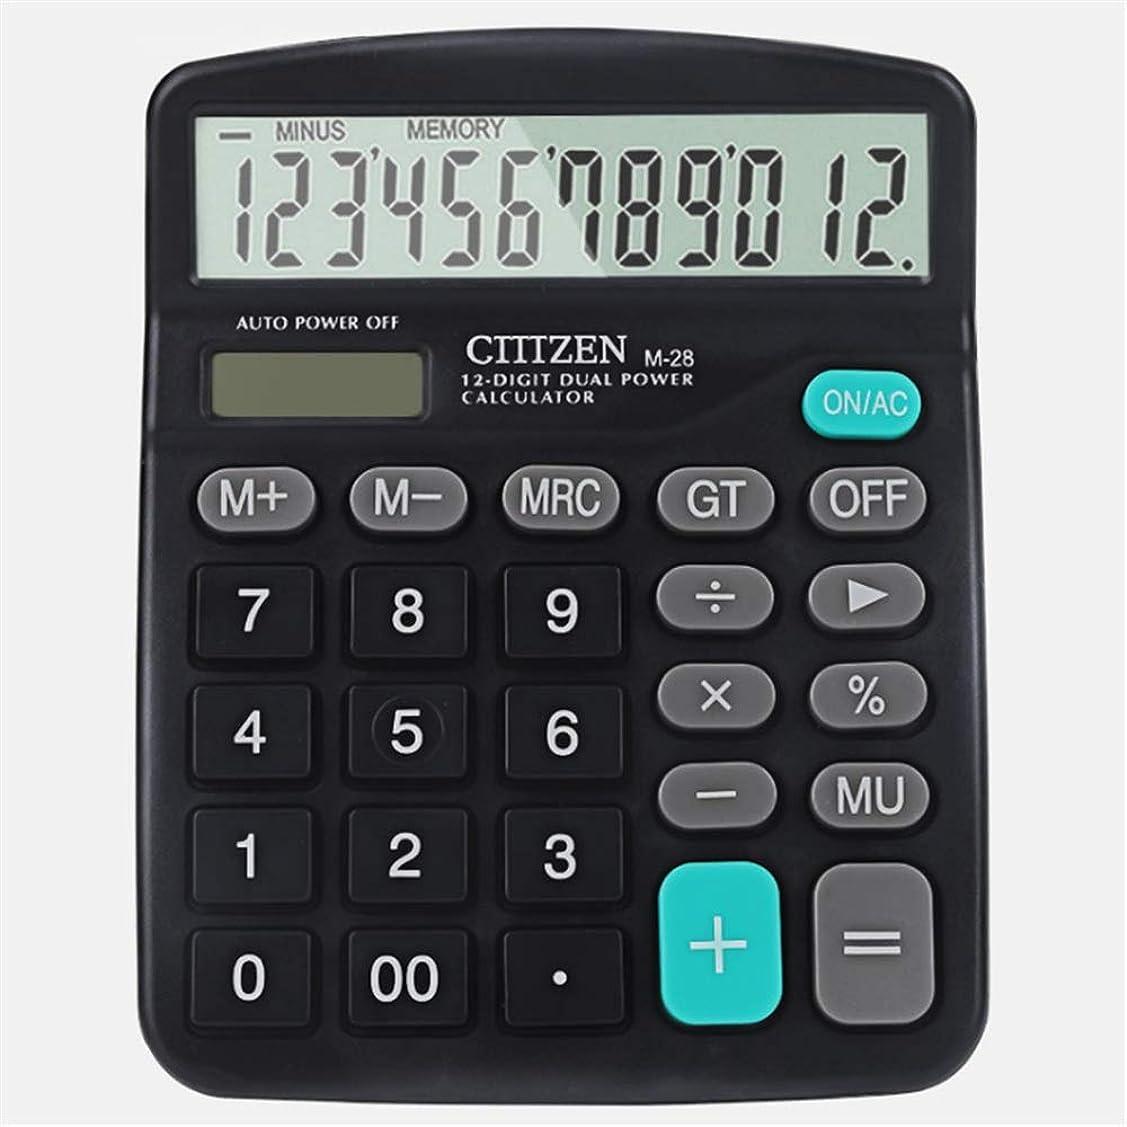 皮最大限チーターデスク電卓 12桁の大型ディスプレイと電子デスクトップの電卓太陽電池の液晶ディスプレイオフィスの電卓黒の色のビジネスギフト 学校ホームオフィス用